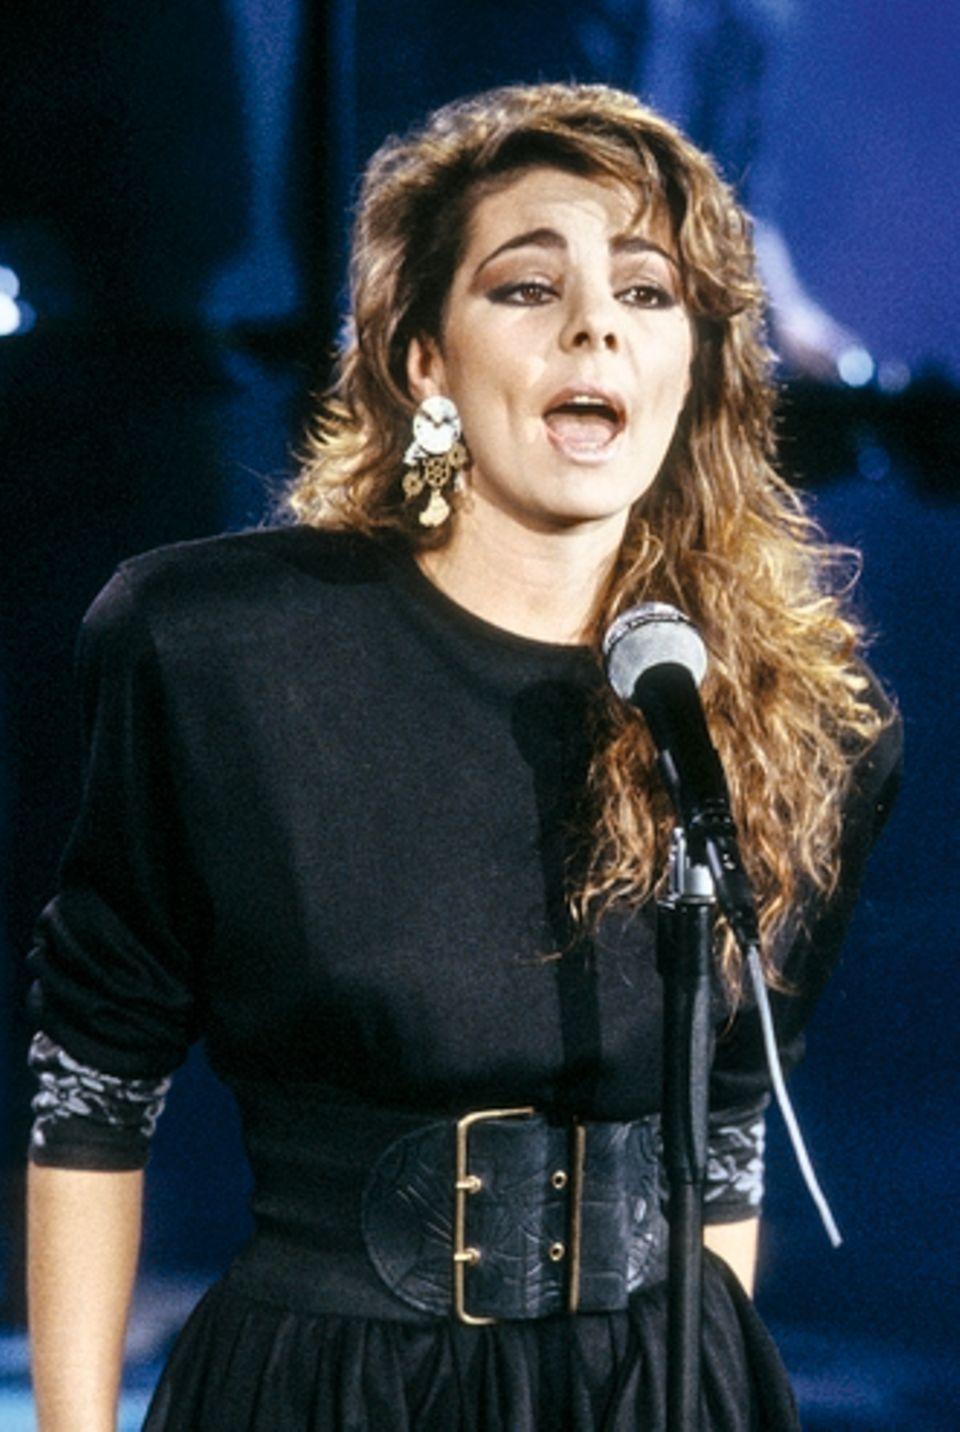 Sängerin nackt sandra Alexandra (Sängerin)